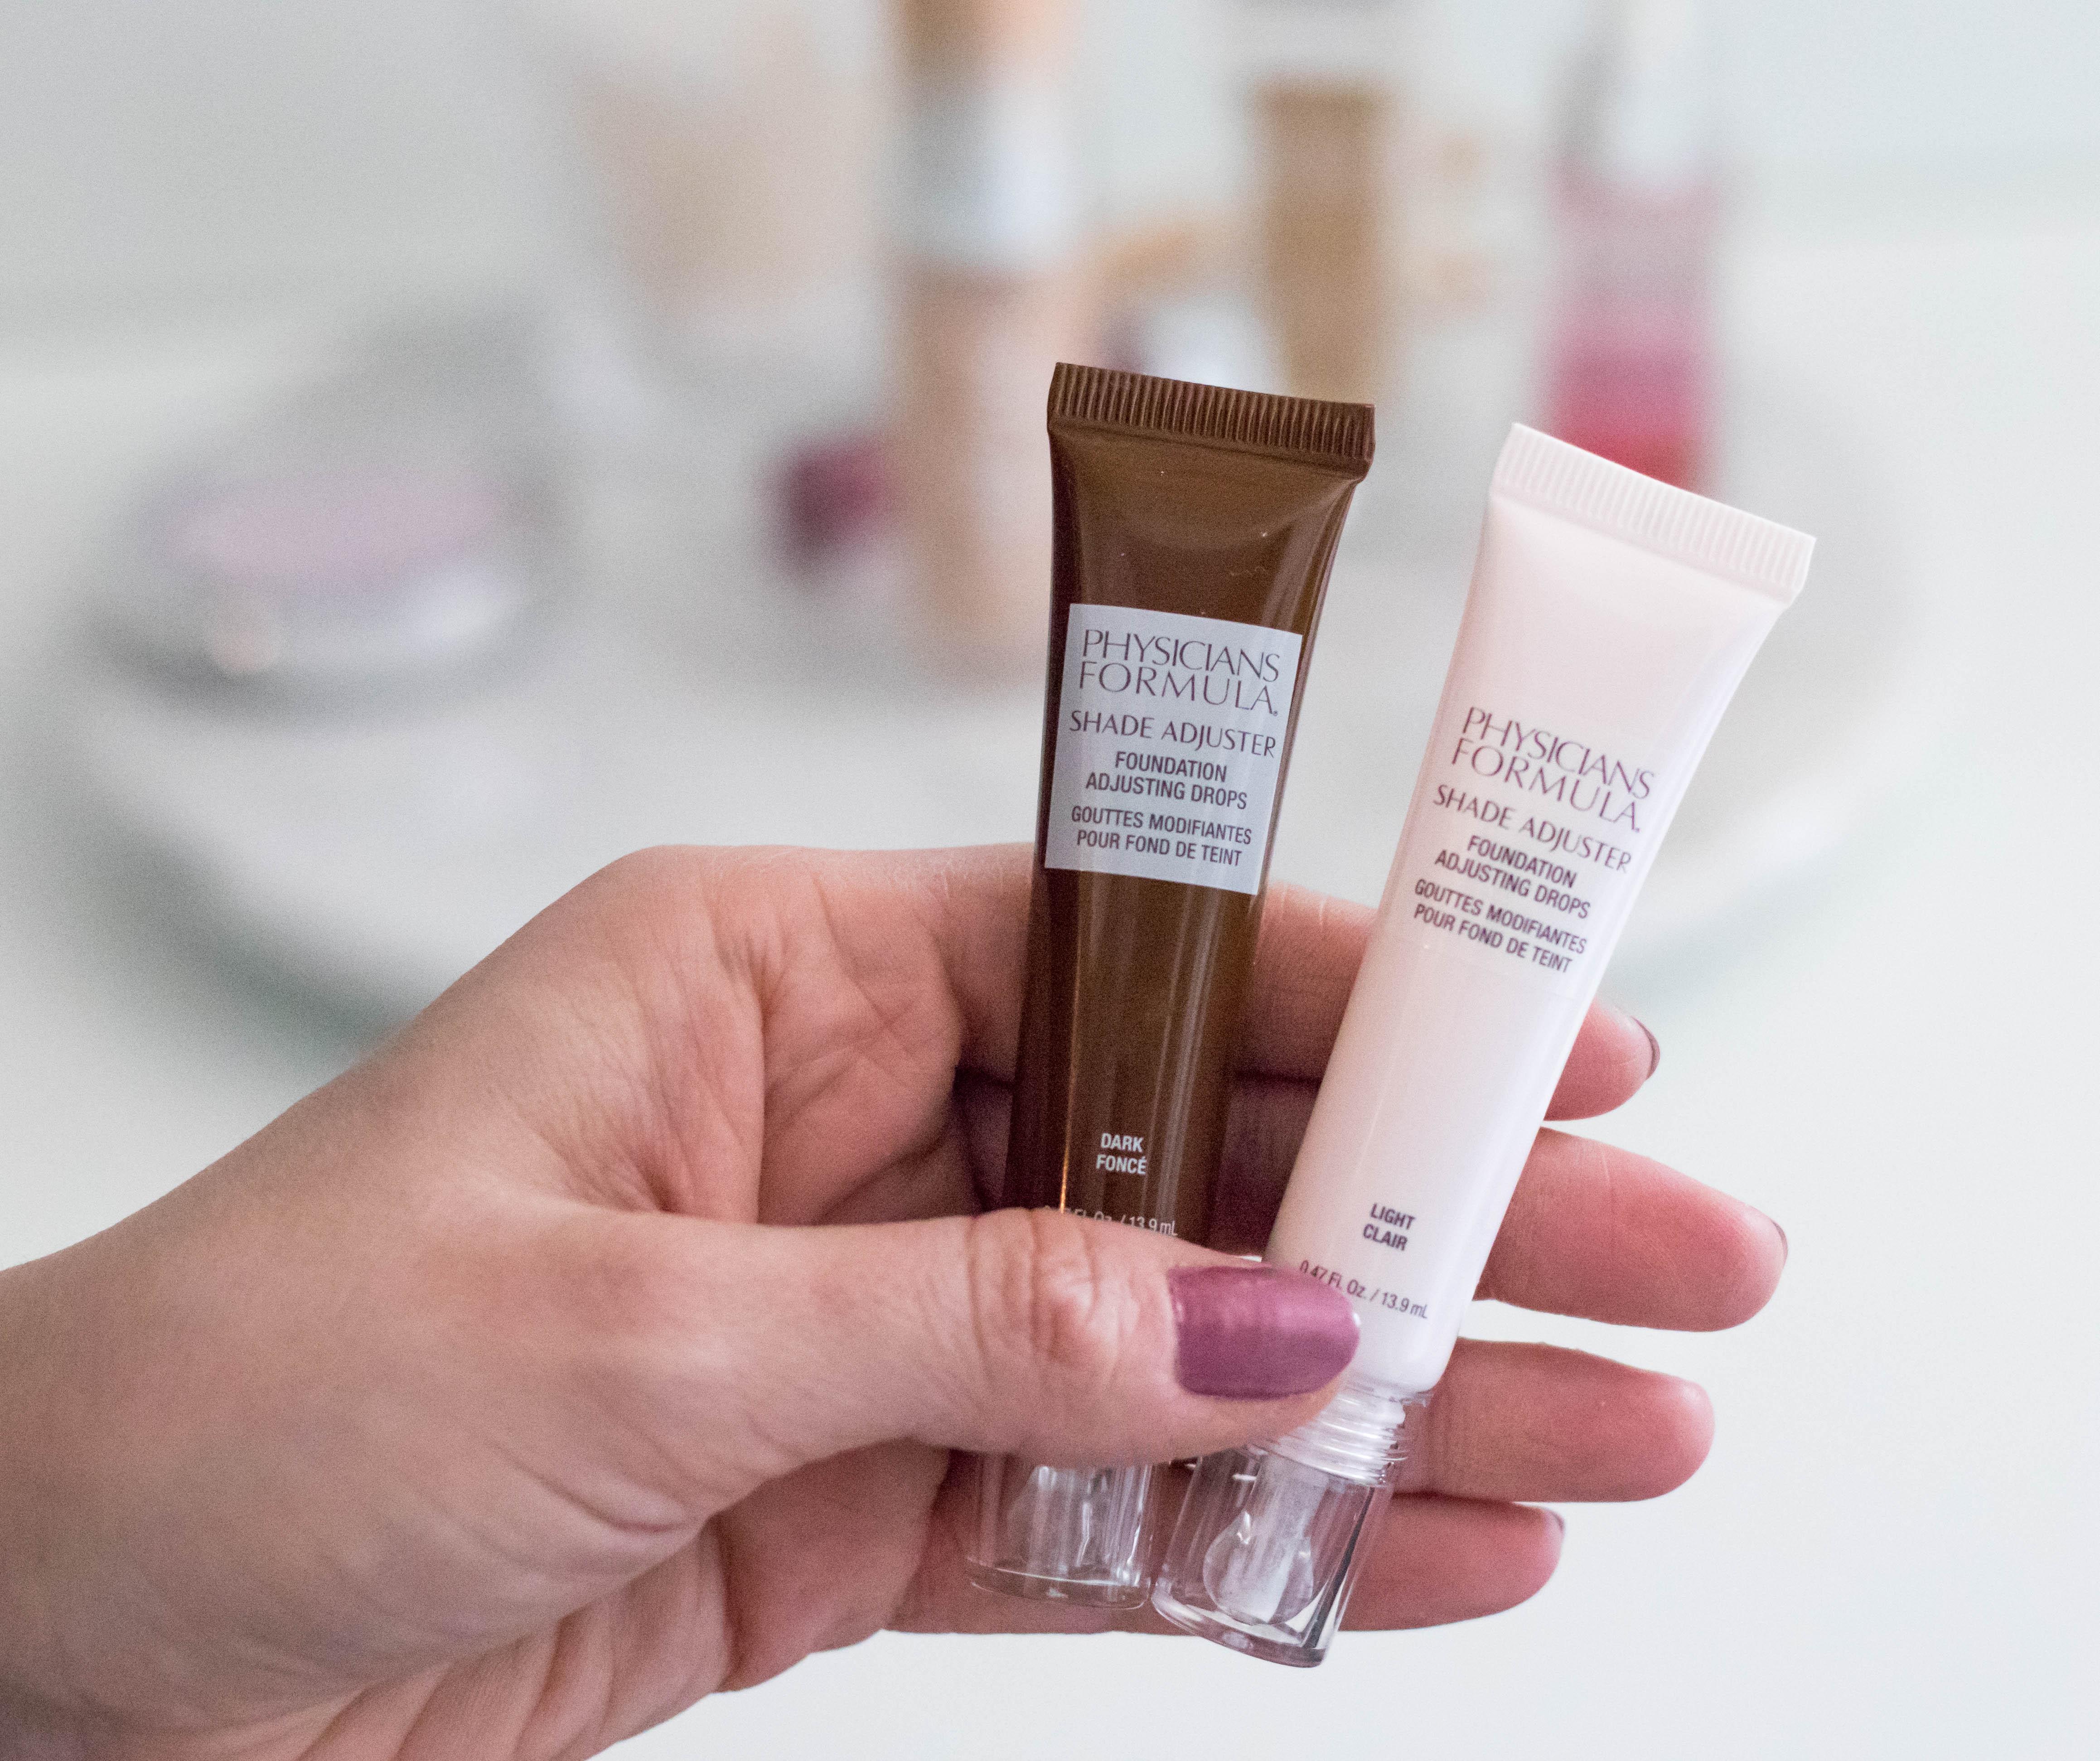 physicians formula shade adjuster foundation drops #physiciansformula #makeup #skincare #springmakeup